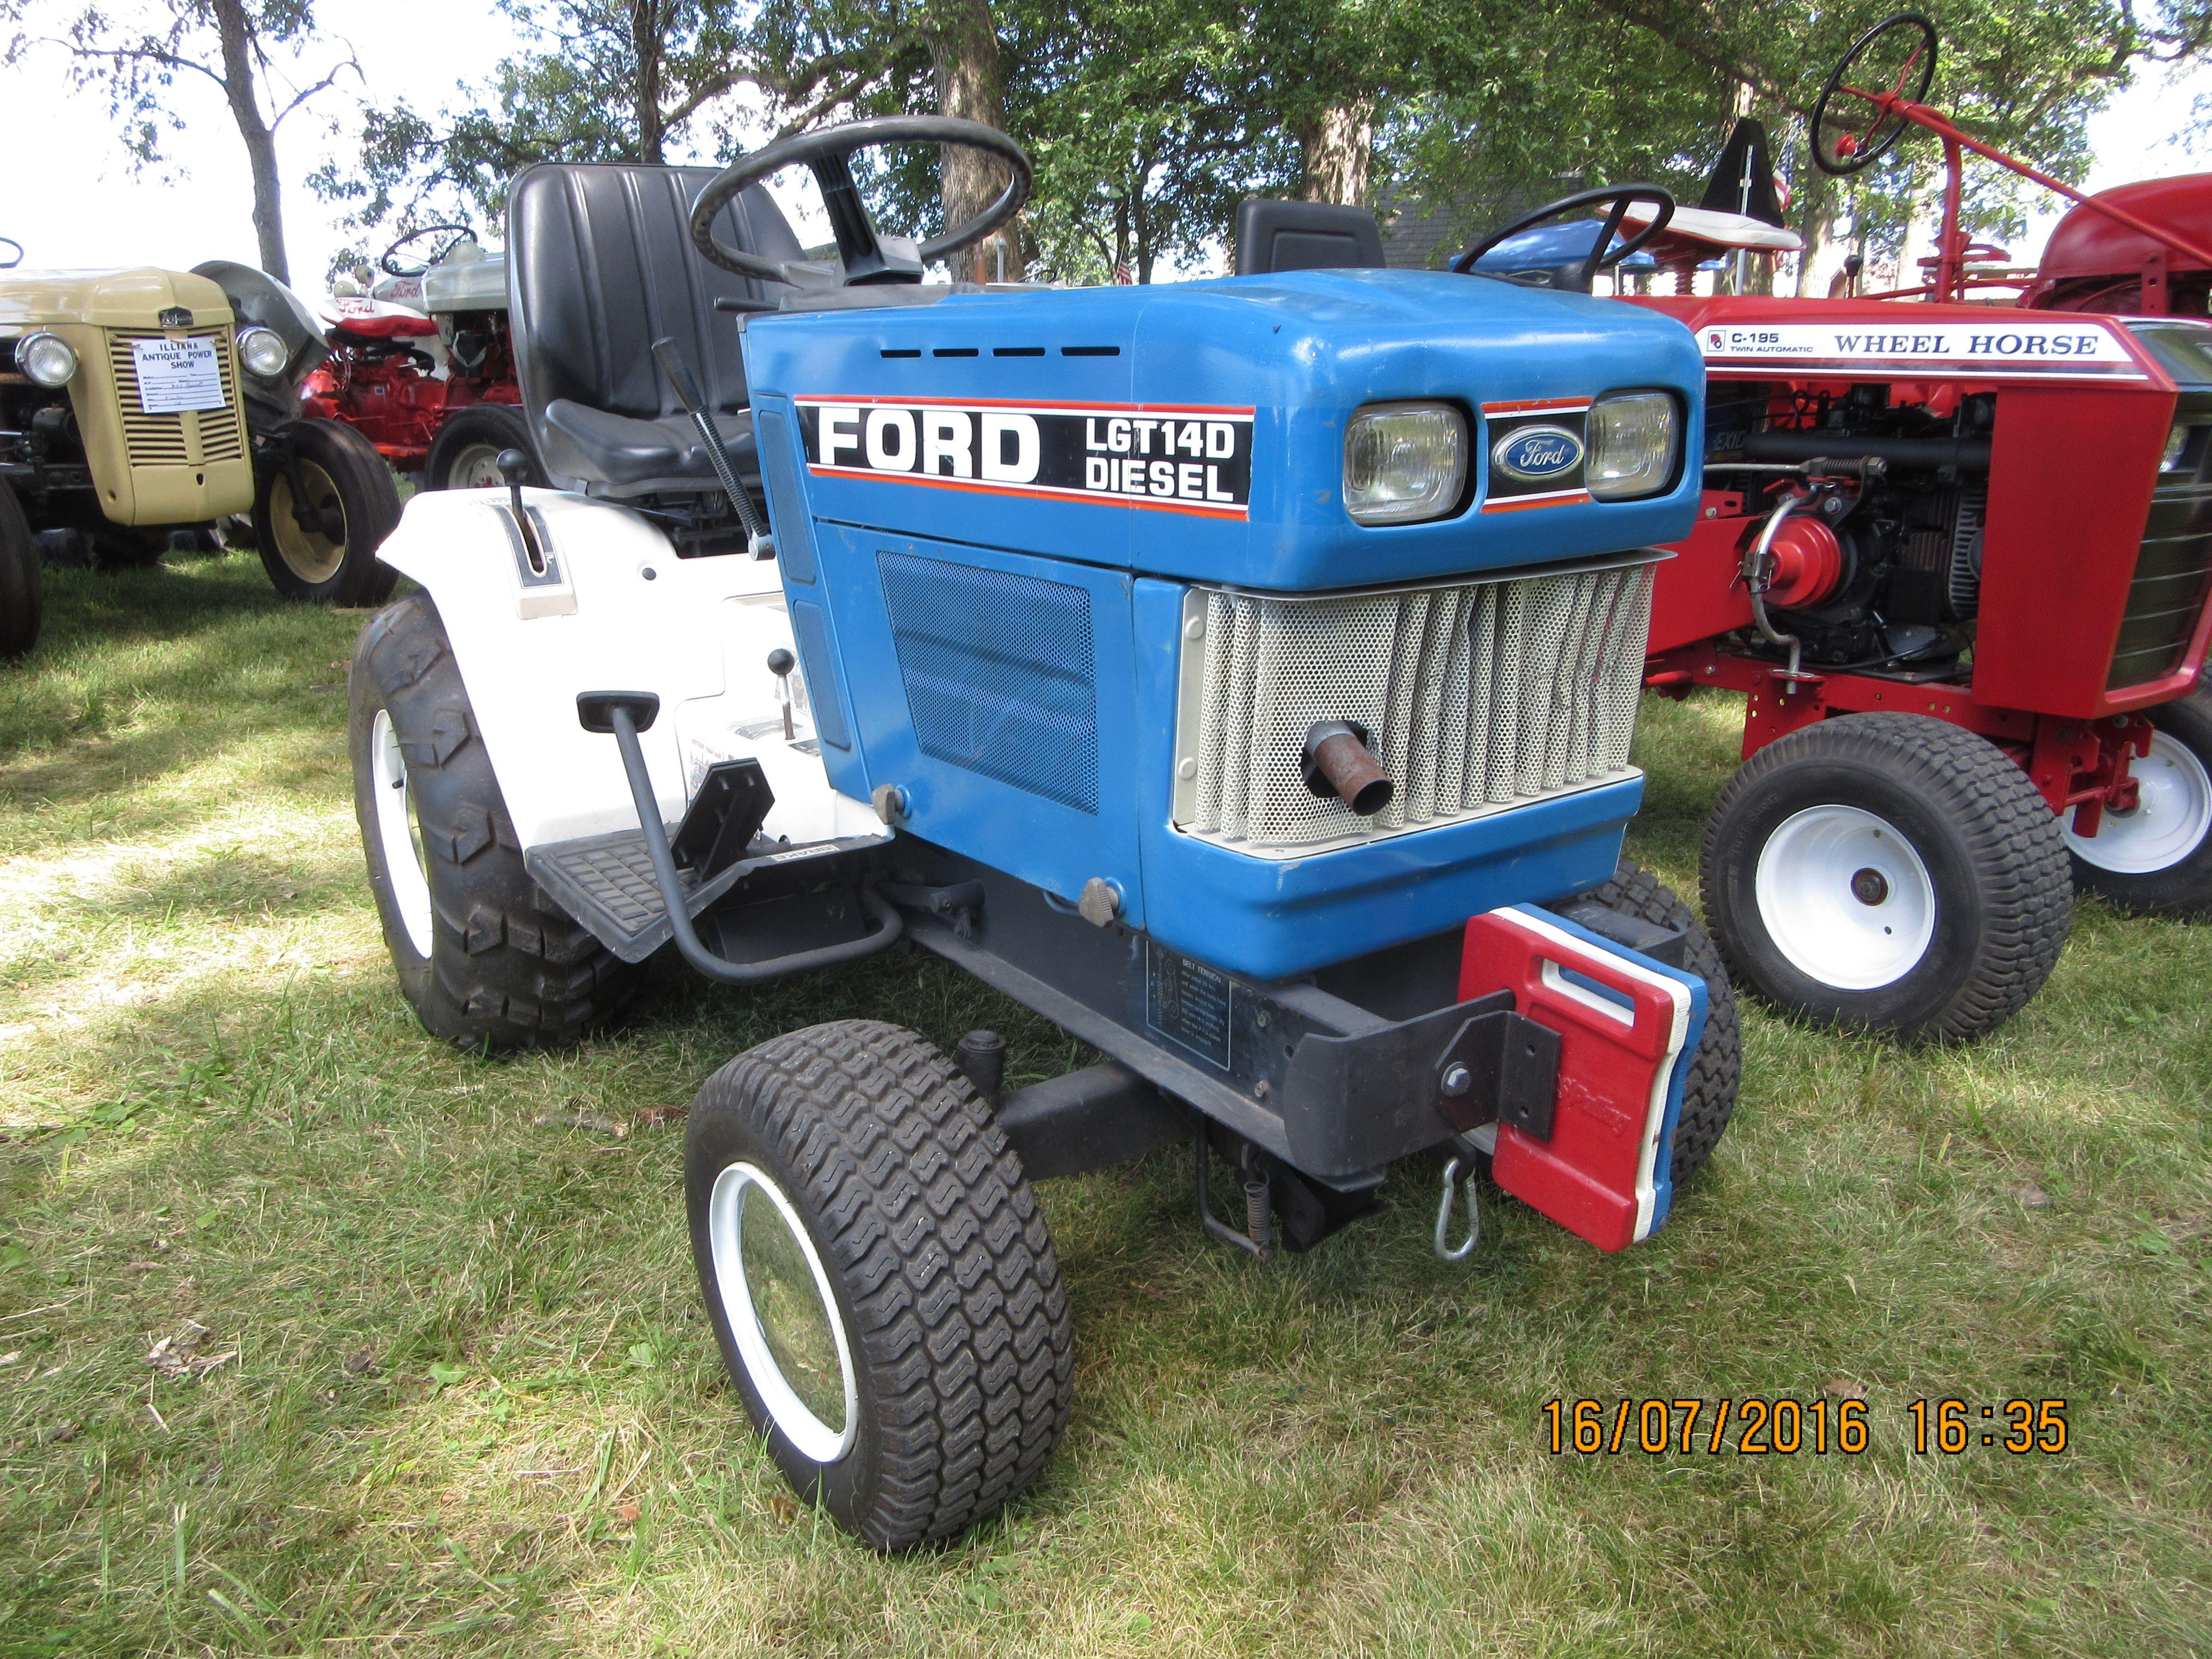 medium resolution of ford lgt 140 tractor